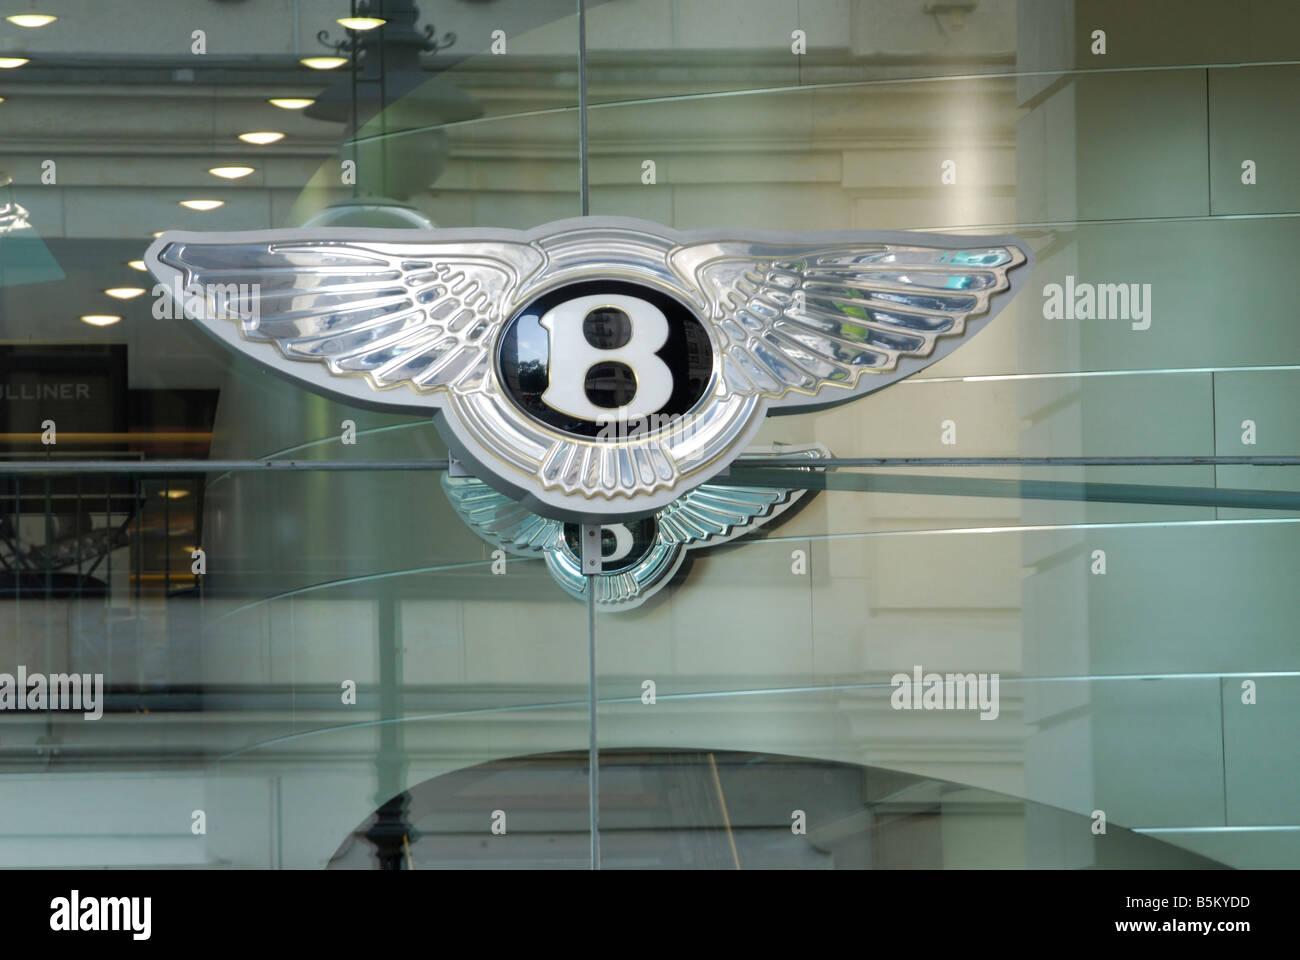 Bentley emblem in glass window of Bentley show room Berlin Germany - Stock Image